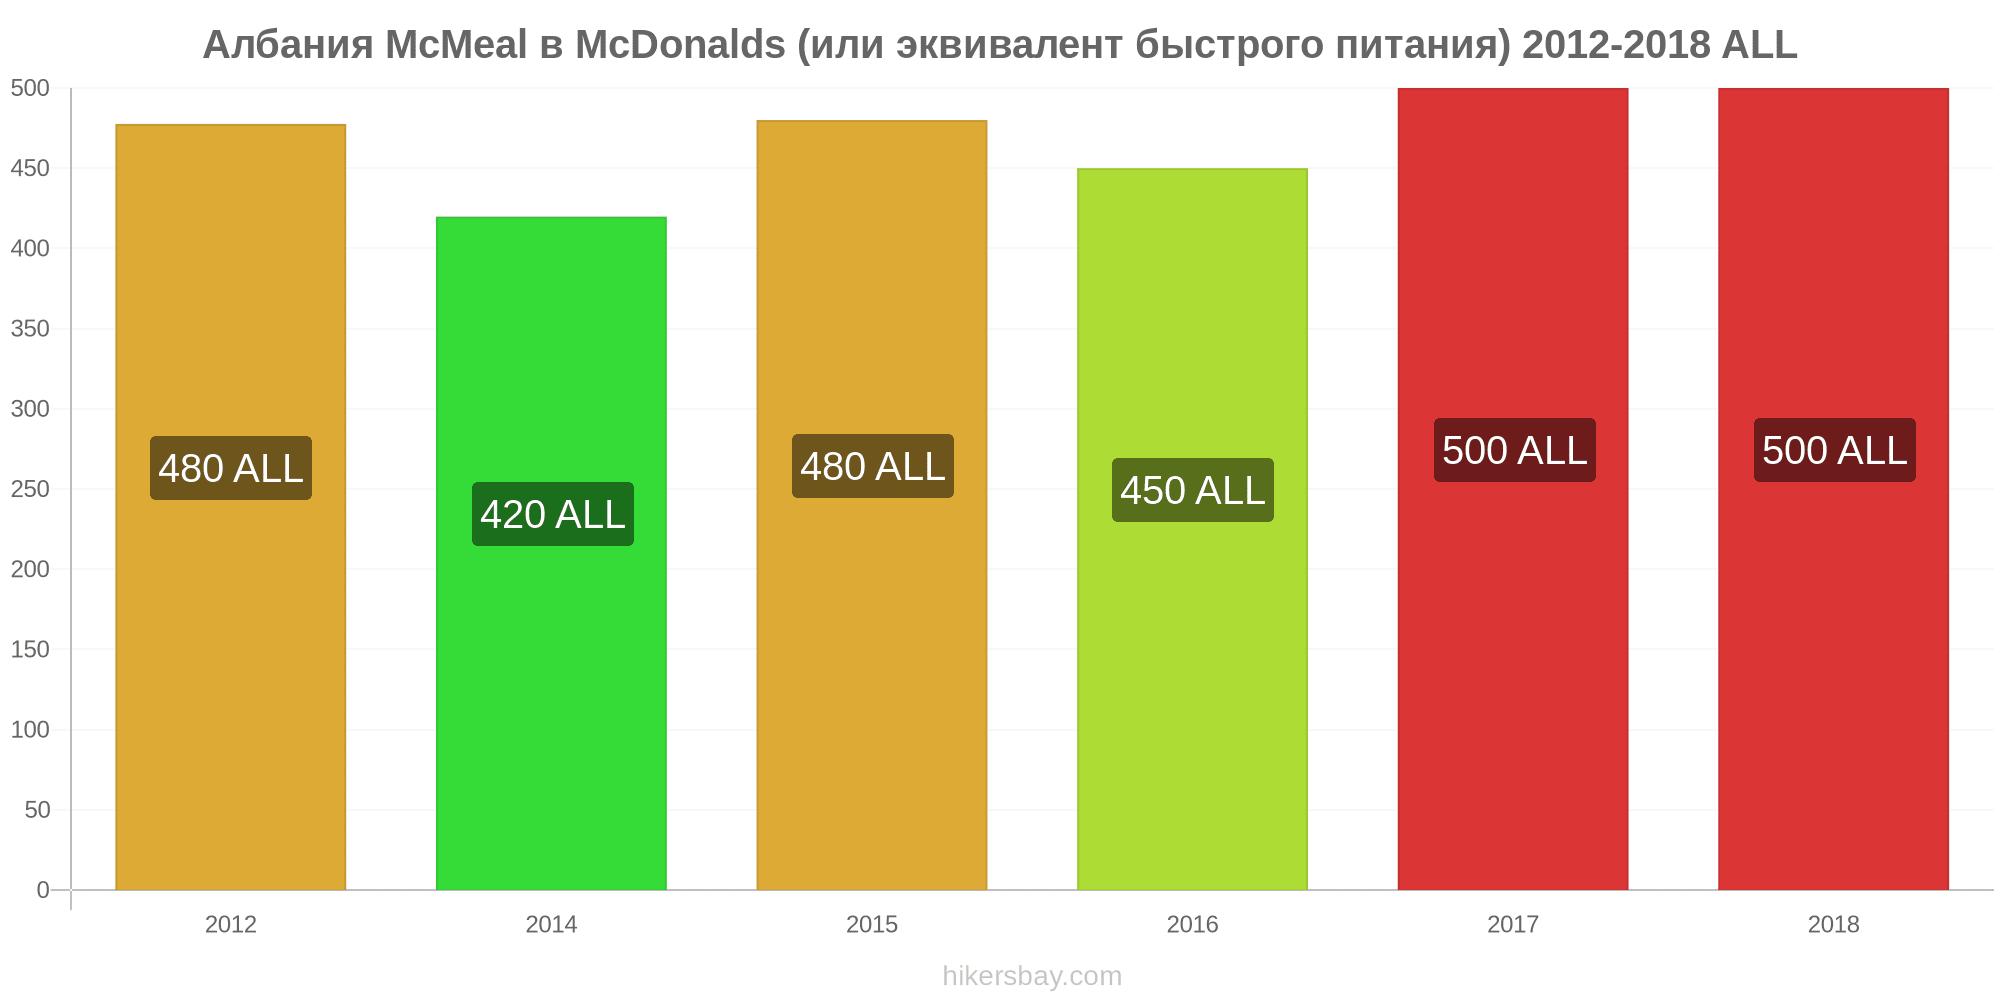 албания цены на питание